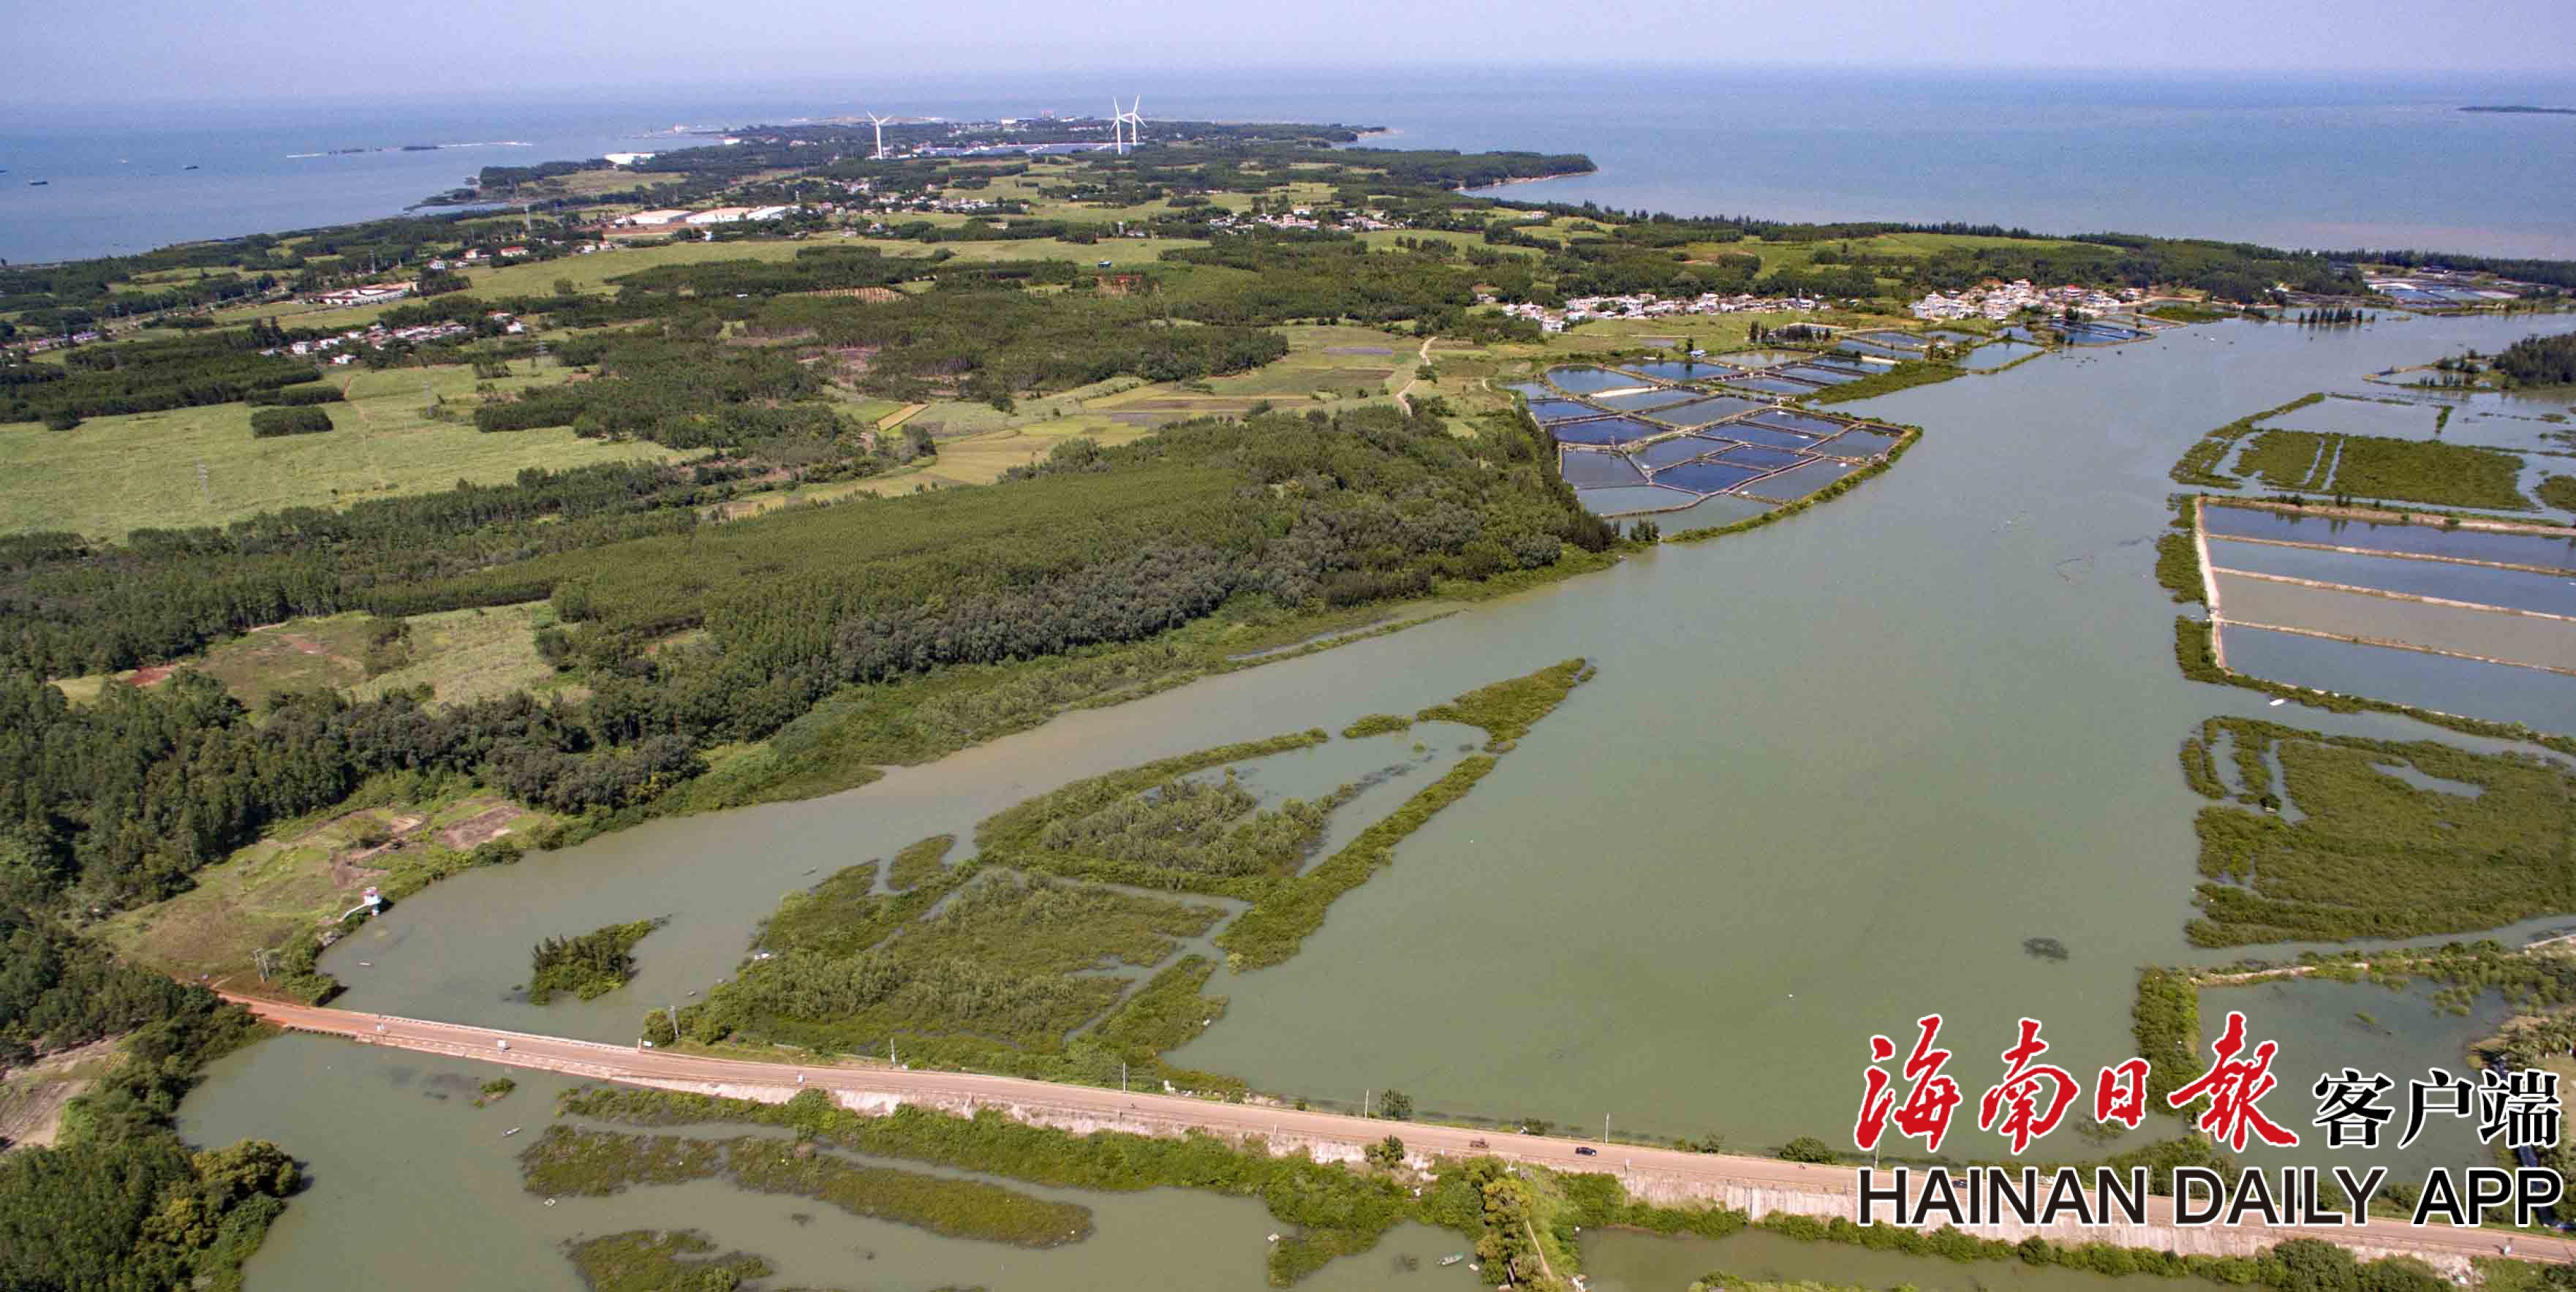 组图|海南临高马袅湾生态持续向好